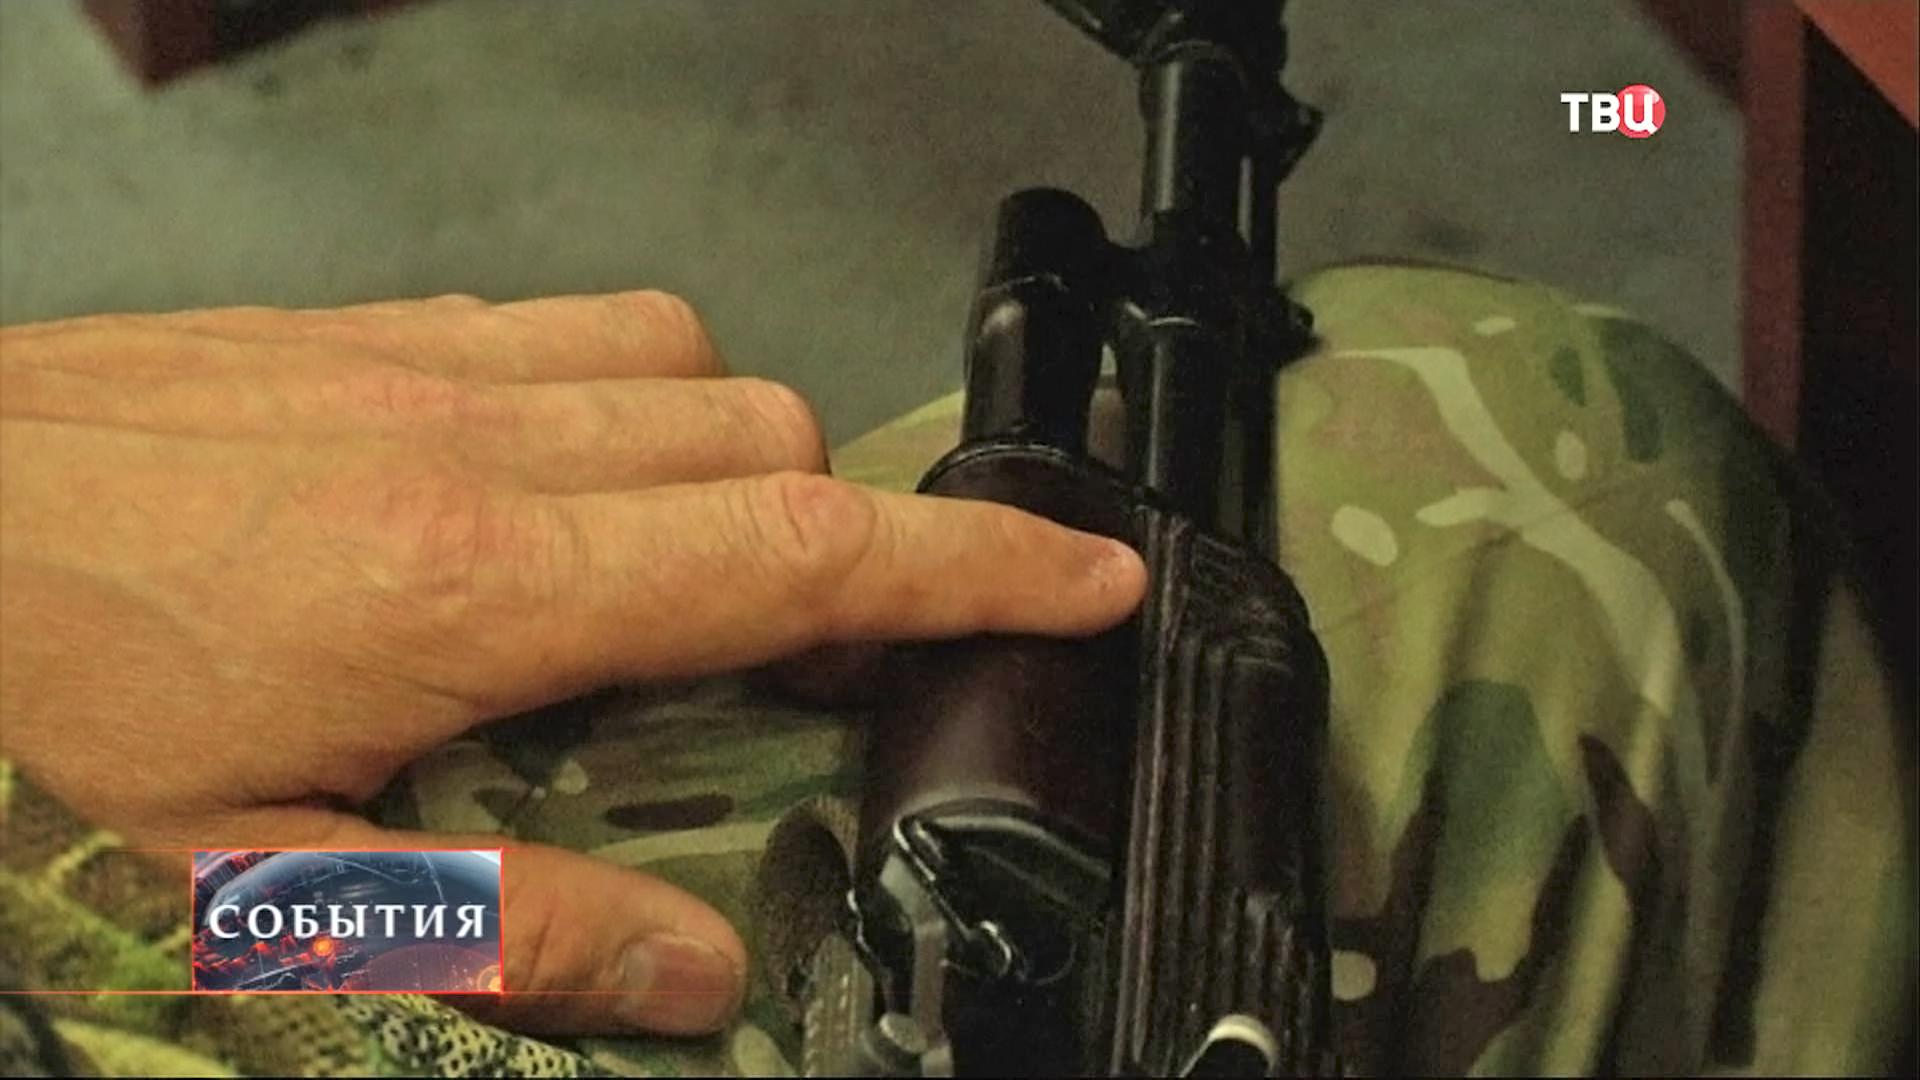 Оружие в руках